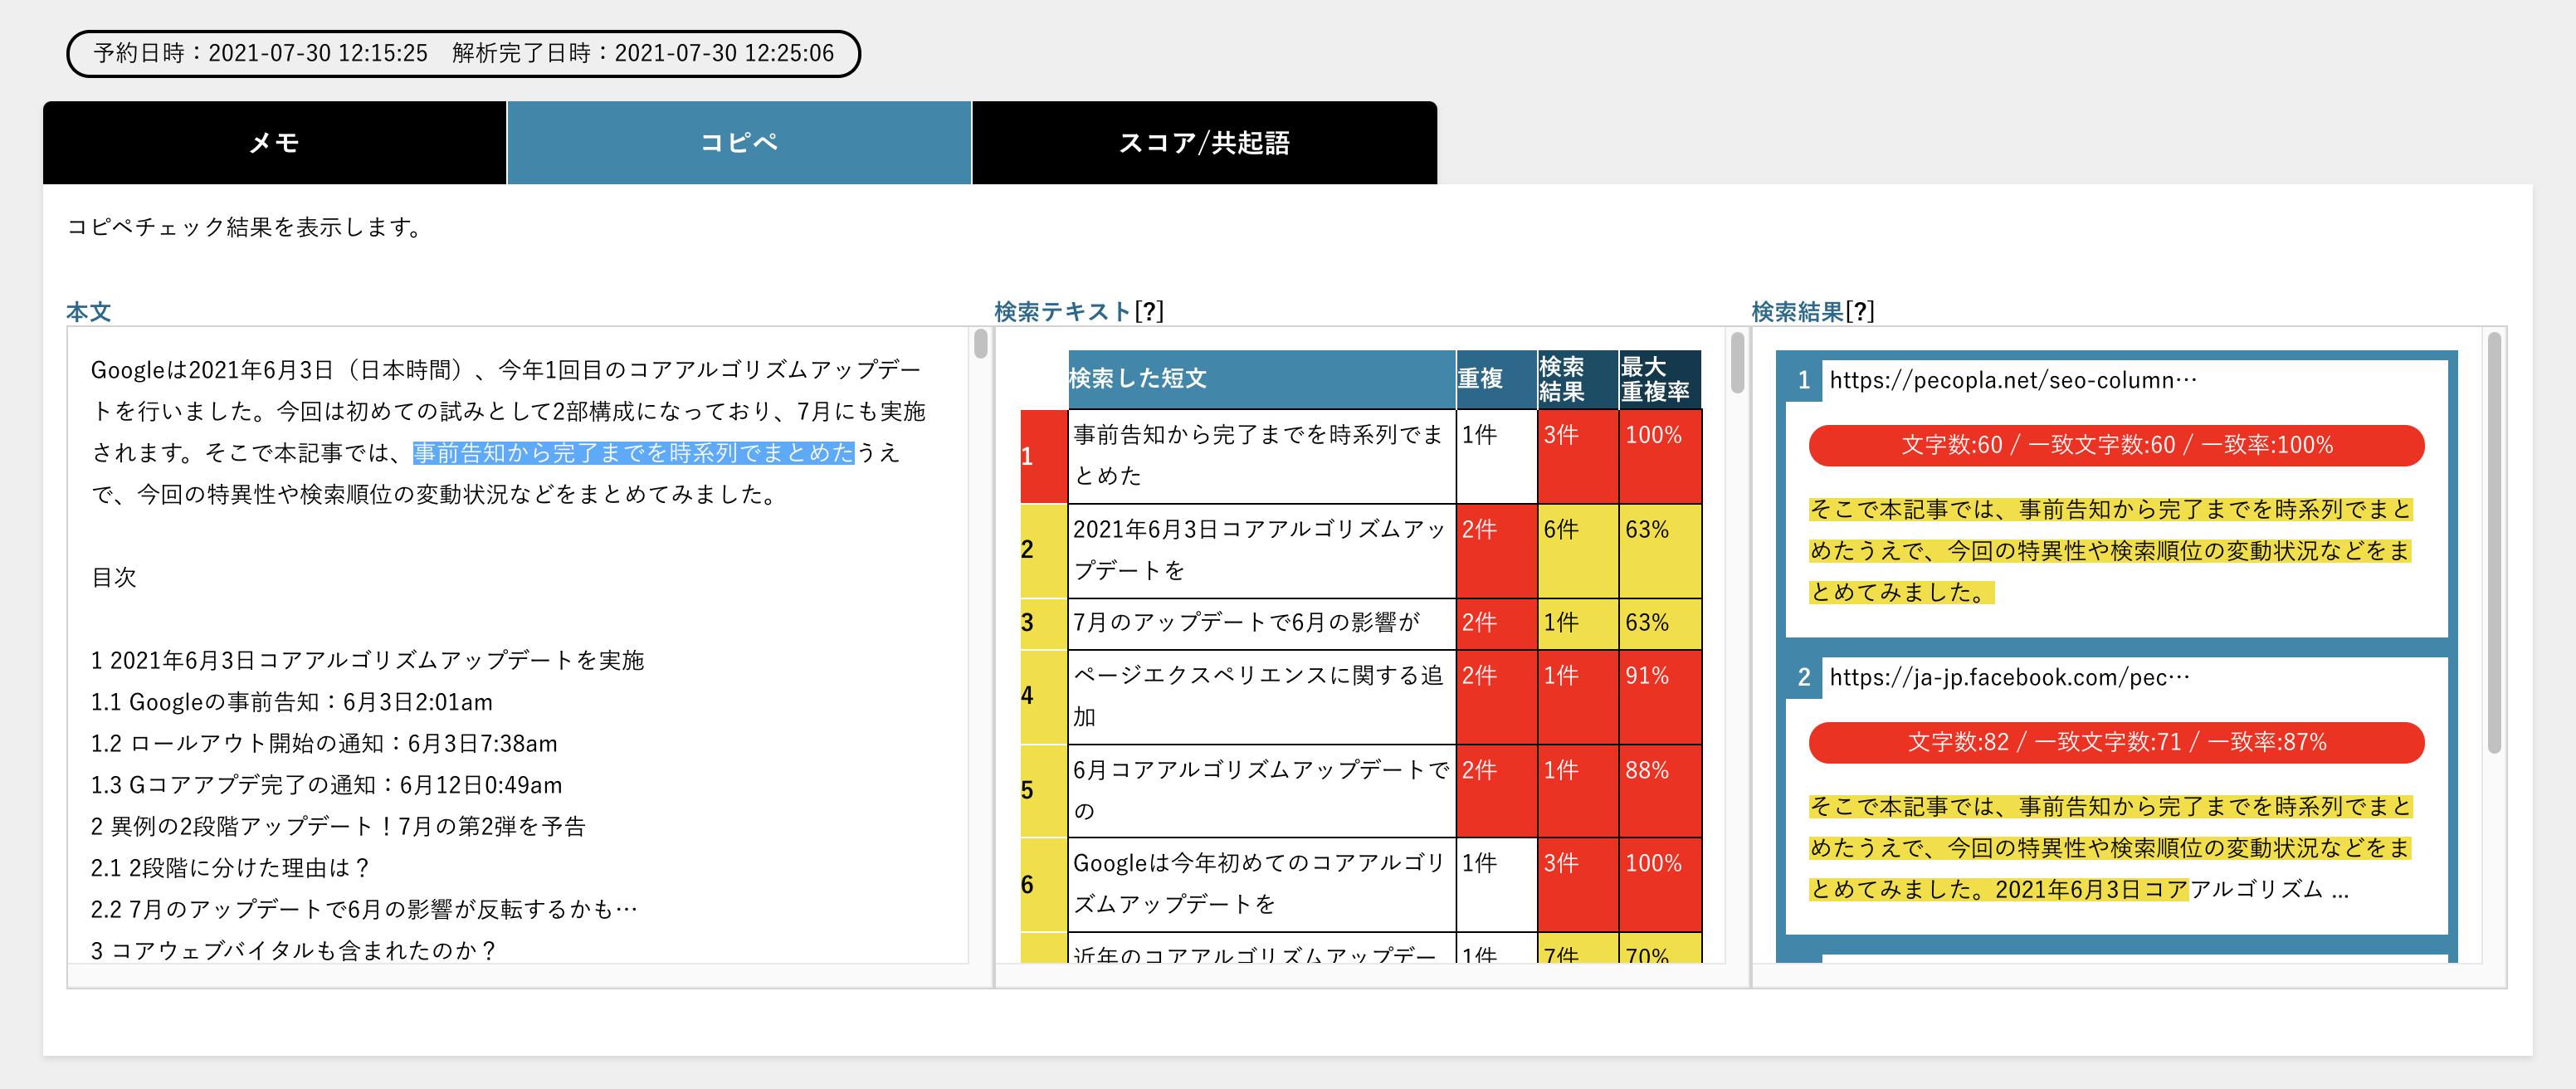 コンテンツドクターのコピペチェック結果画面